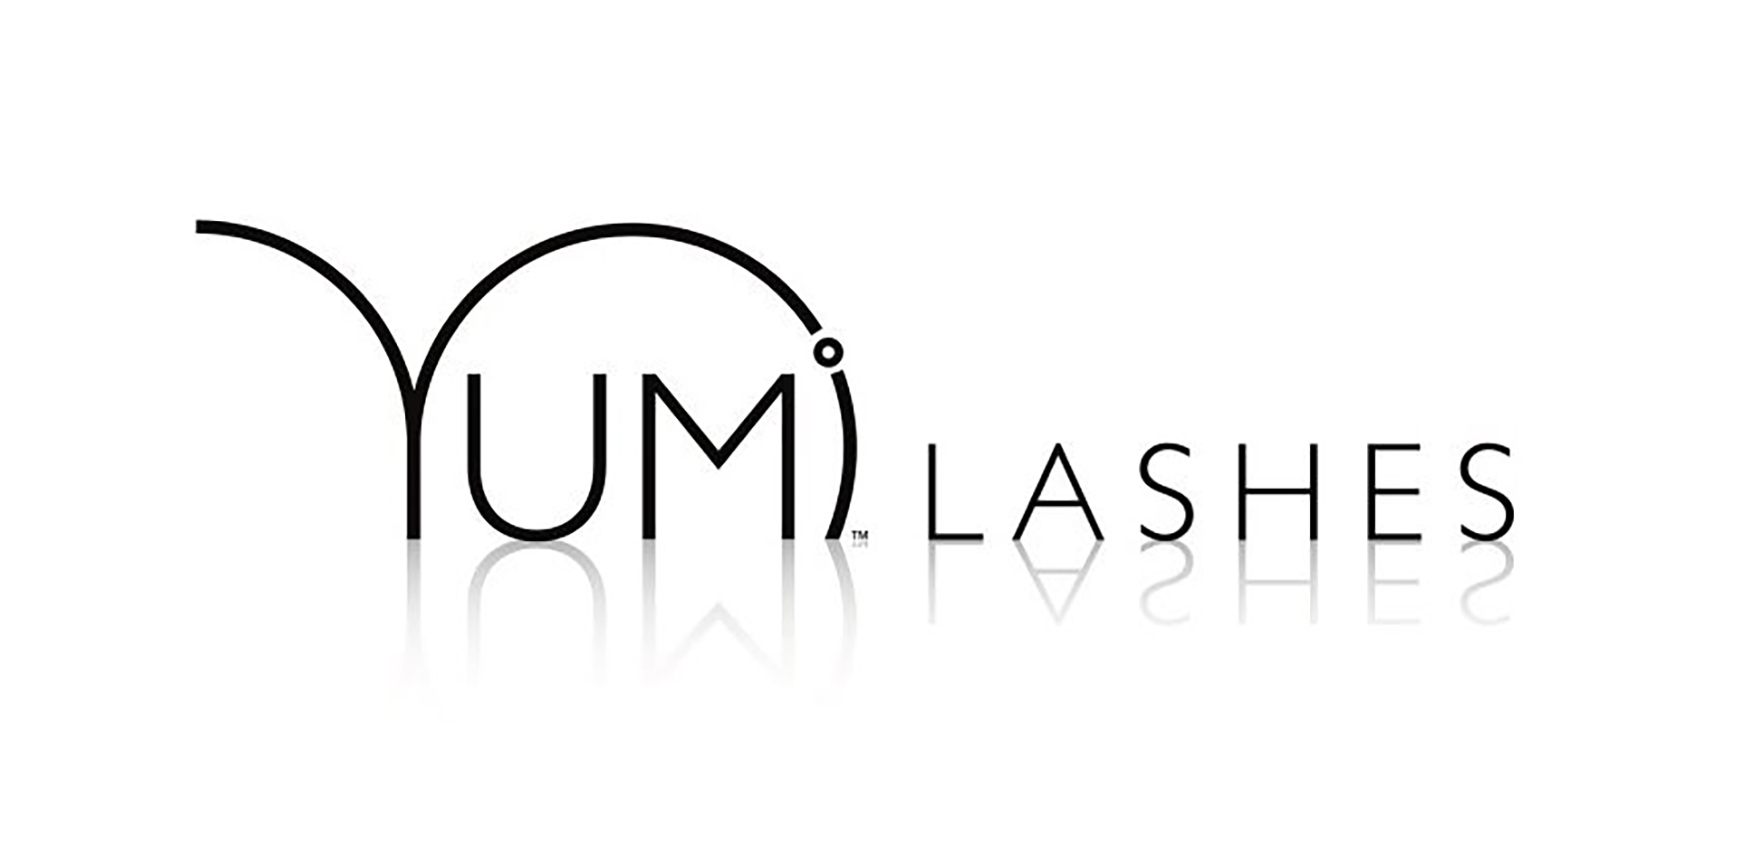 yumi-lashes-logo2.jpg